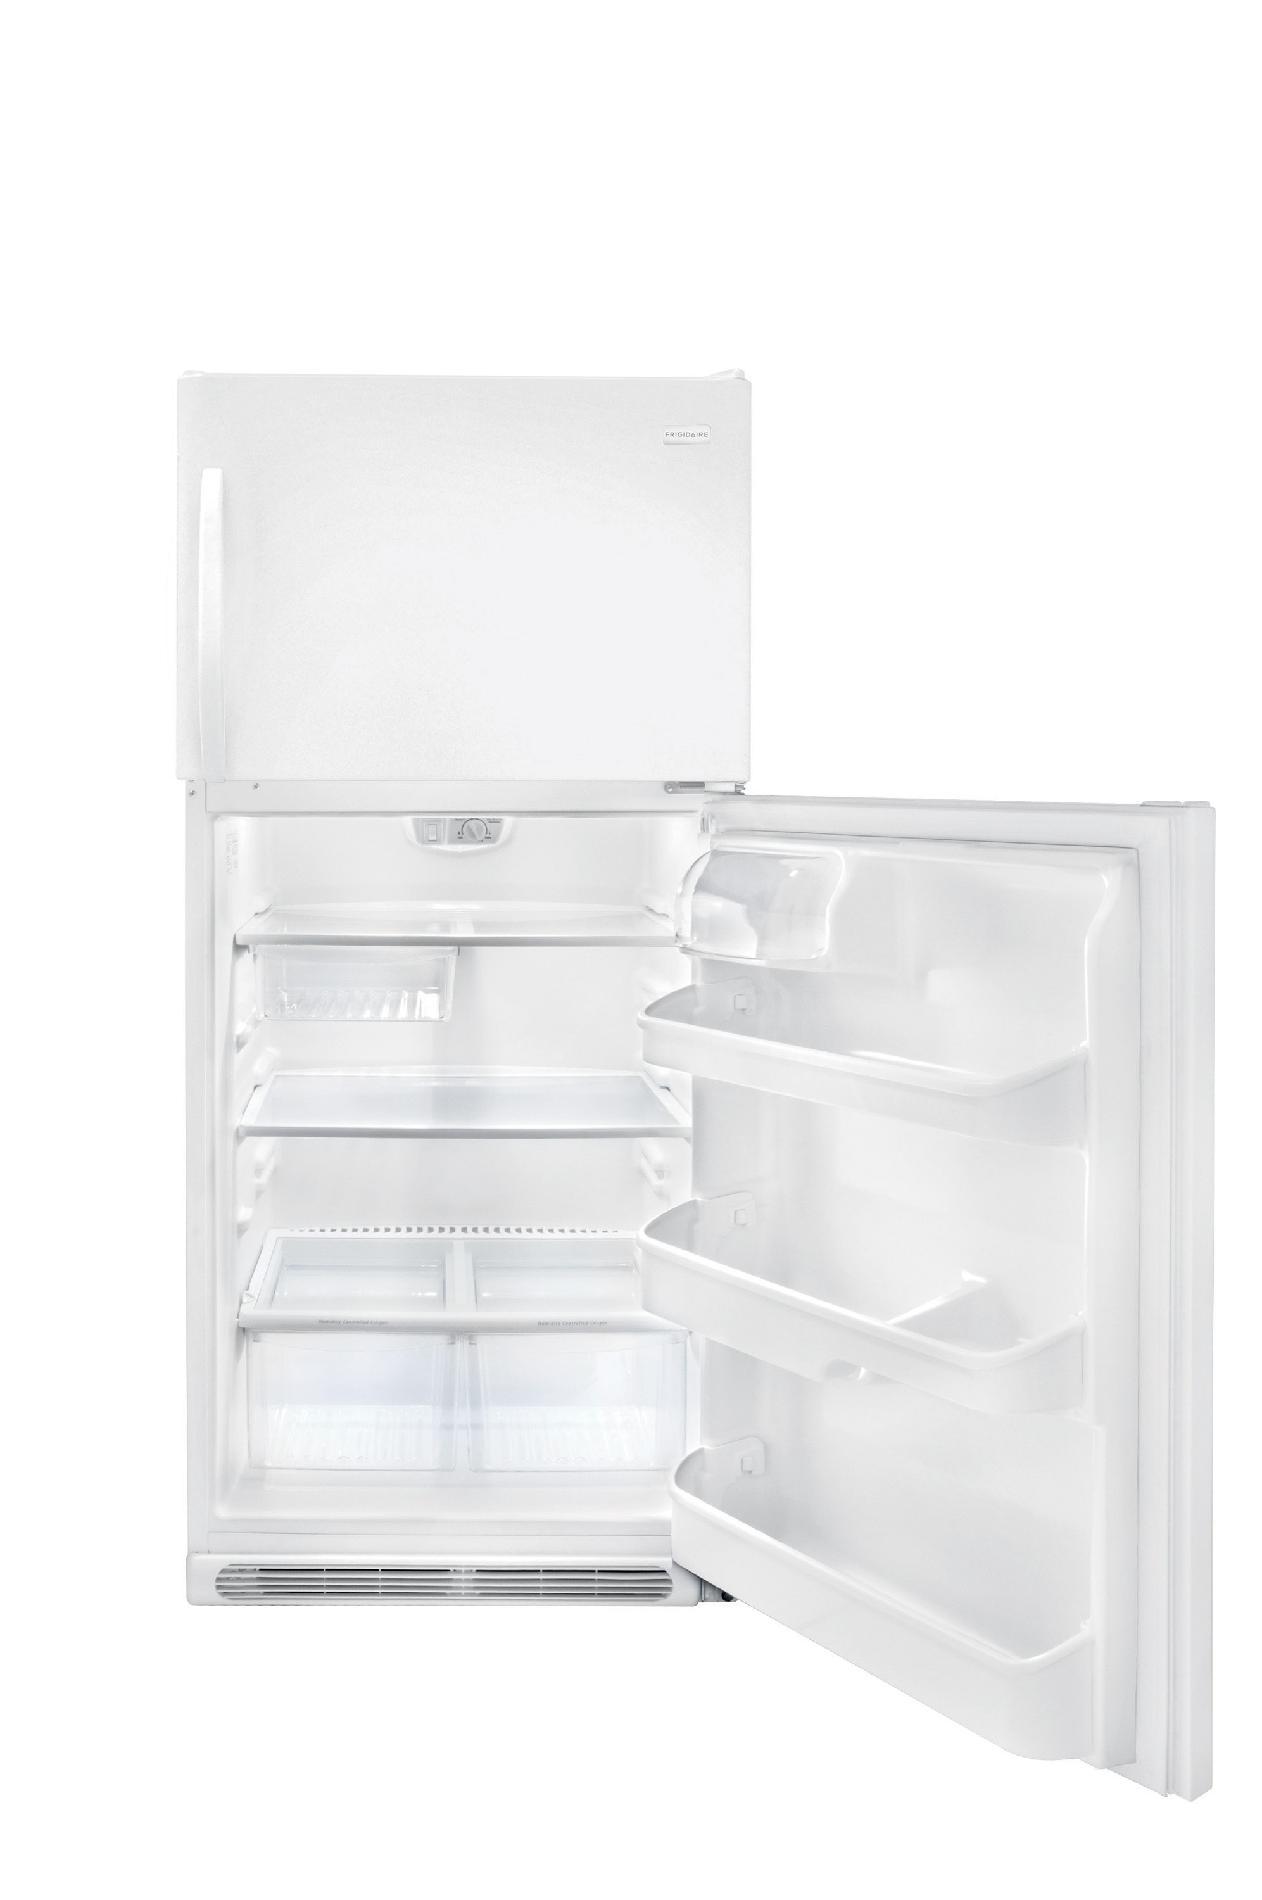 Frigidaire 20.6 cu. ft. Top-Freezer Refrigerator - White